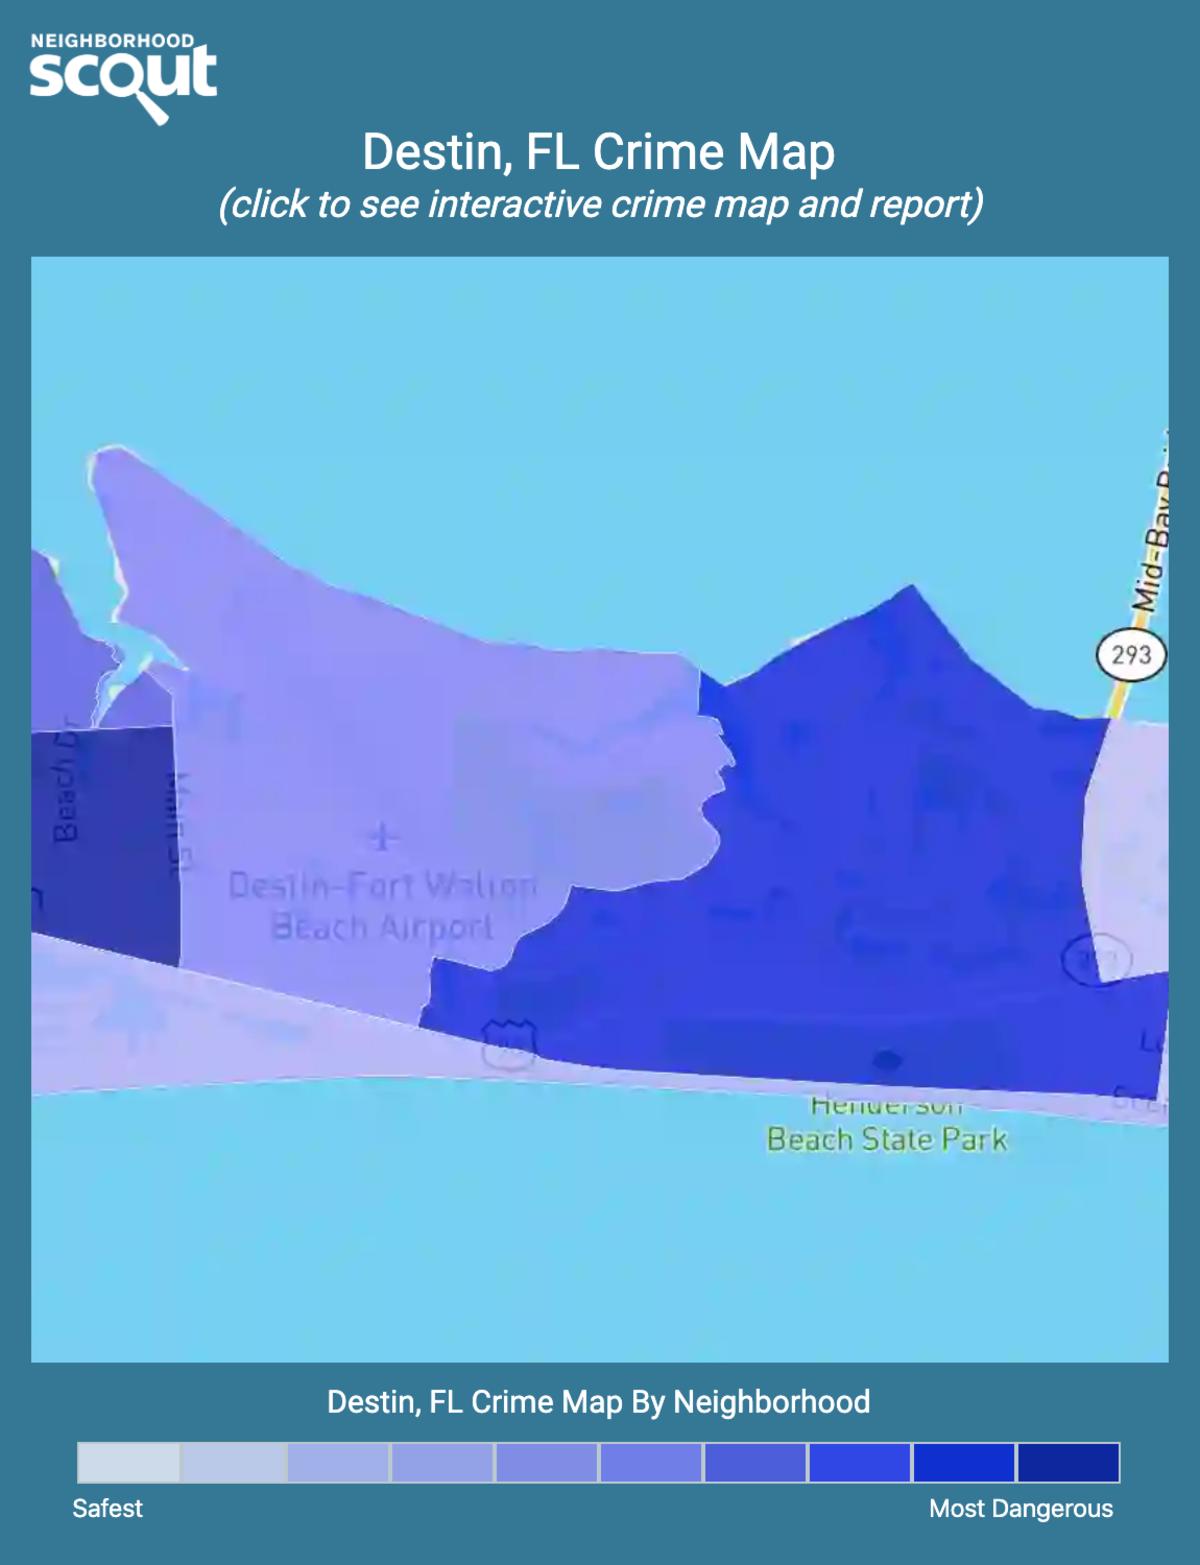 Destin, Florida crime map